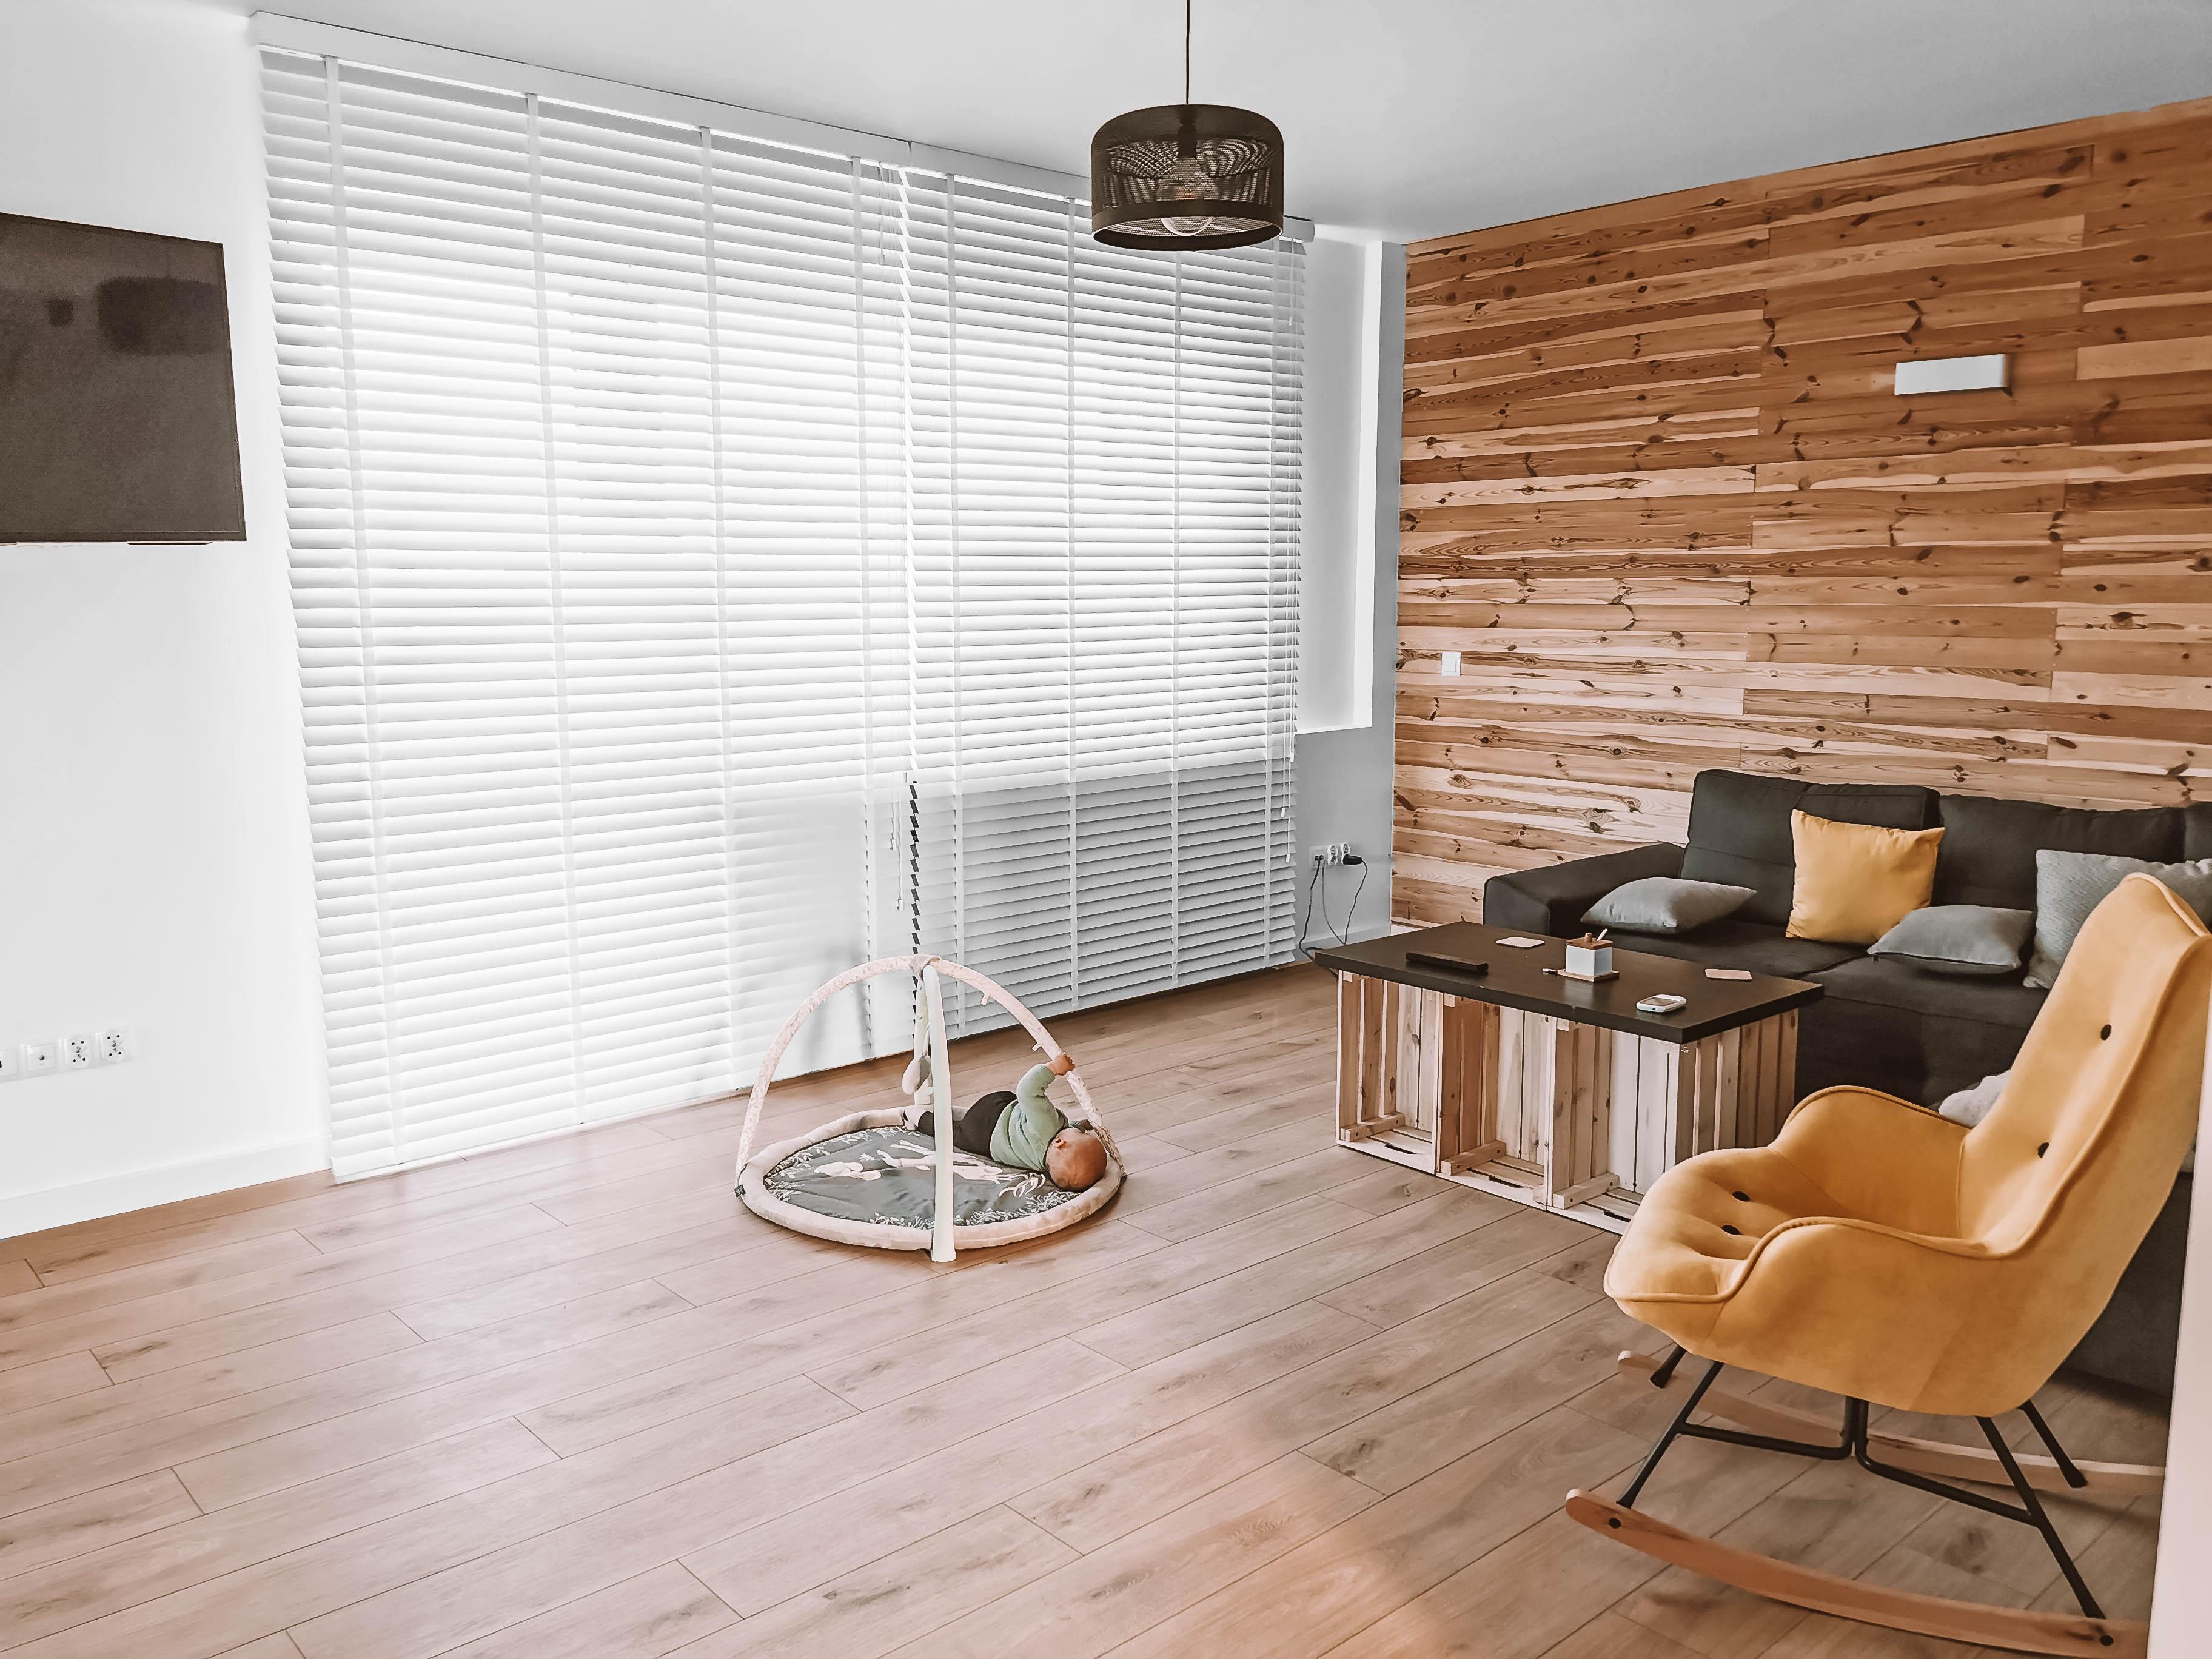 żaluzje drewniane montowane do sufitu